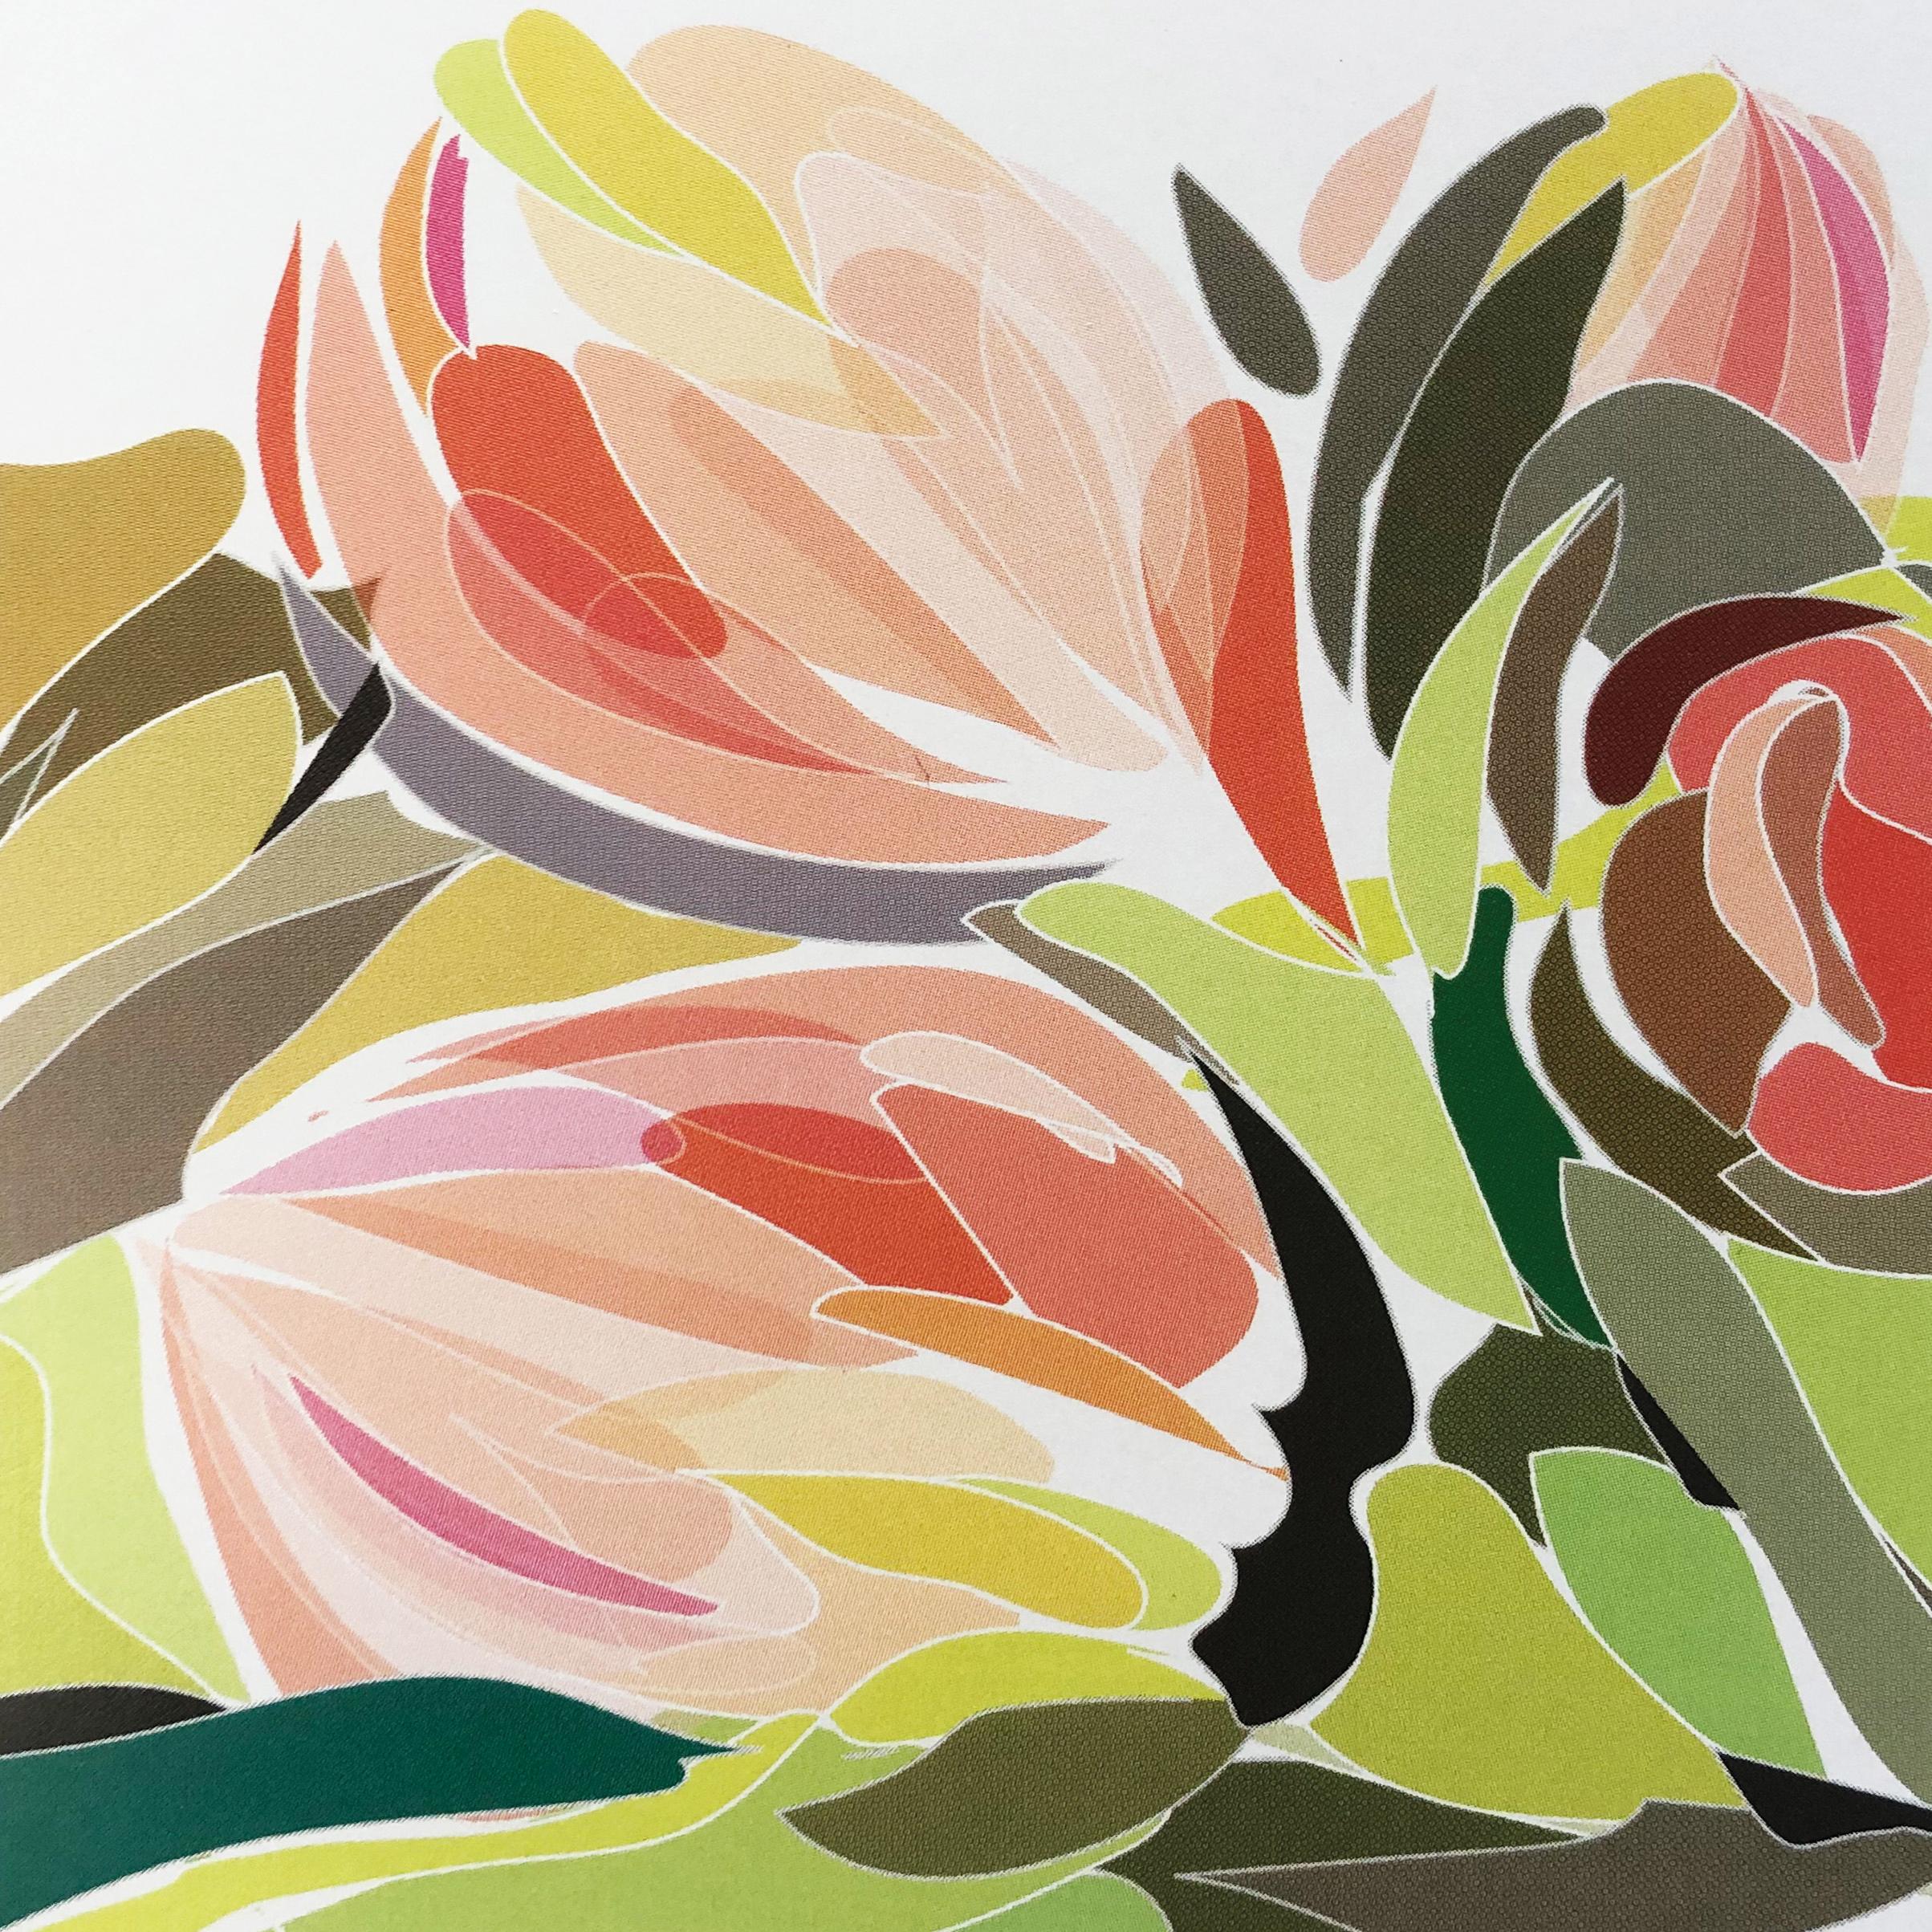 Tulip Fantasy 33x33 cm